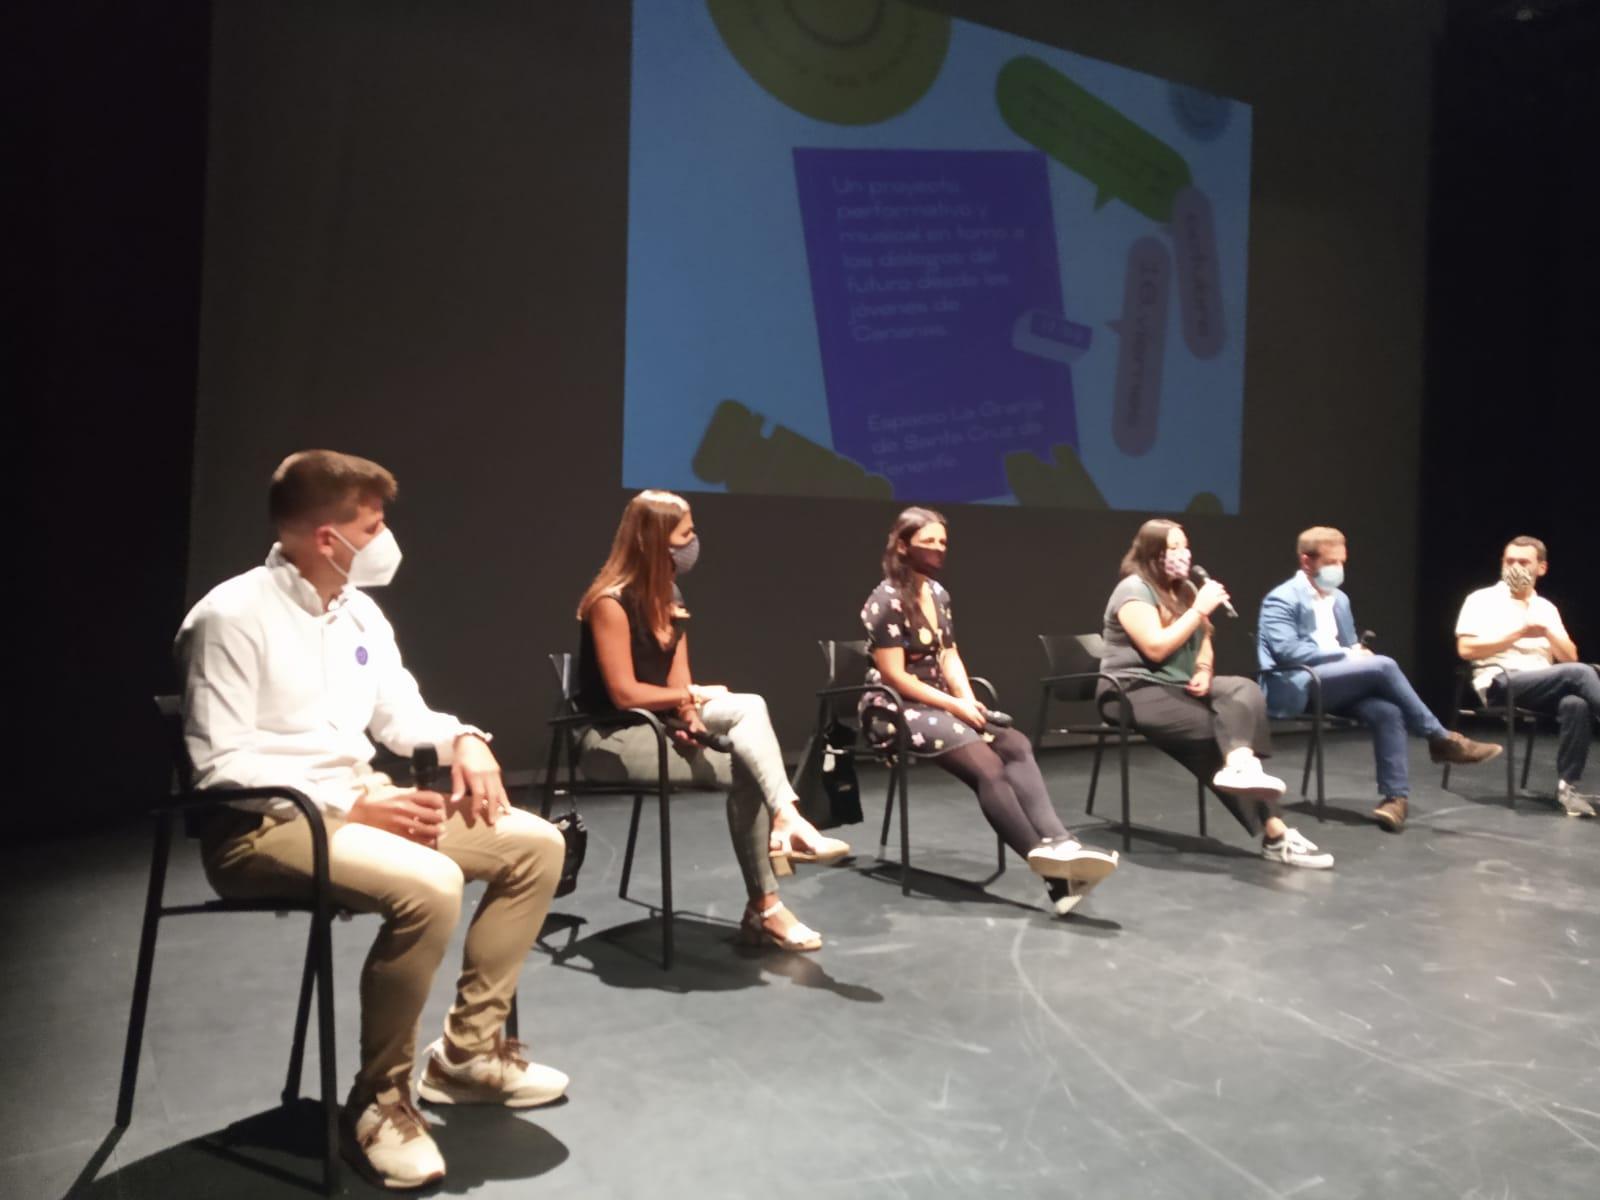 La juventud que formará el 'Parlamento del futuro' reflexiona a través de las artes escénicas, la música y la danza